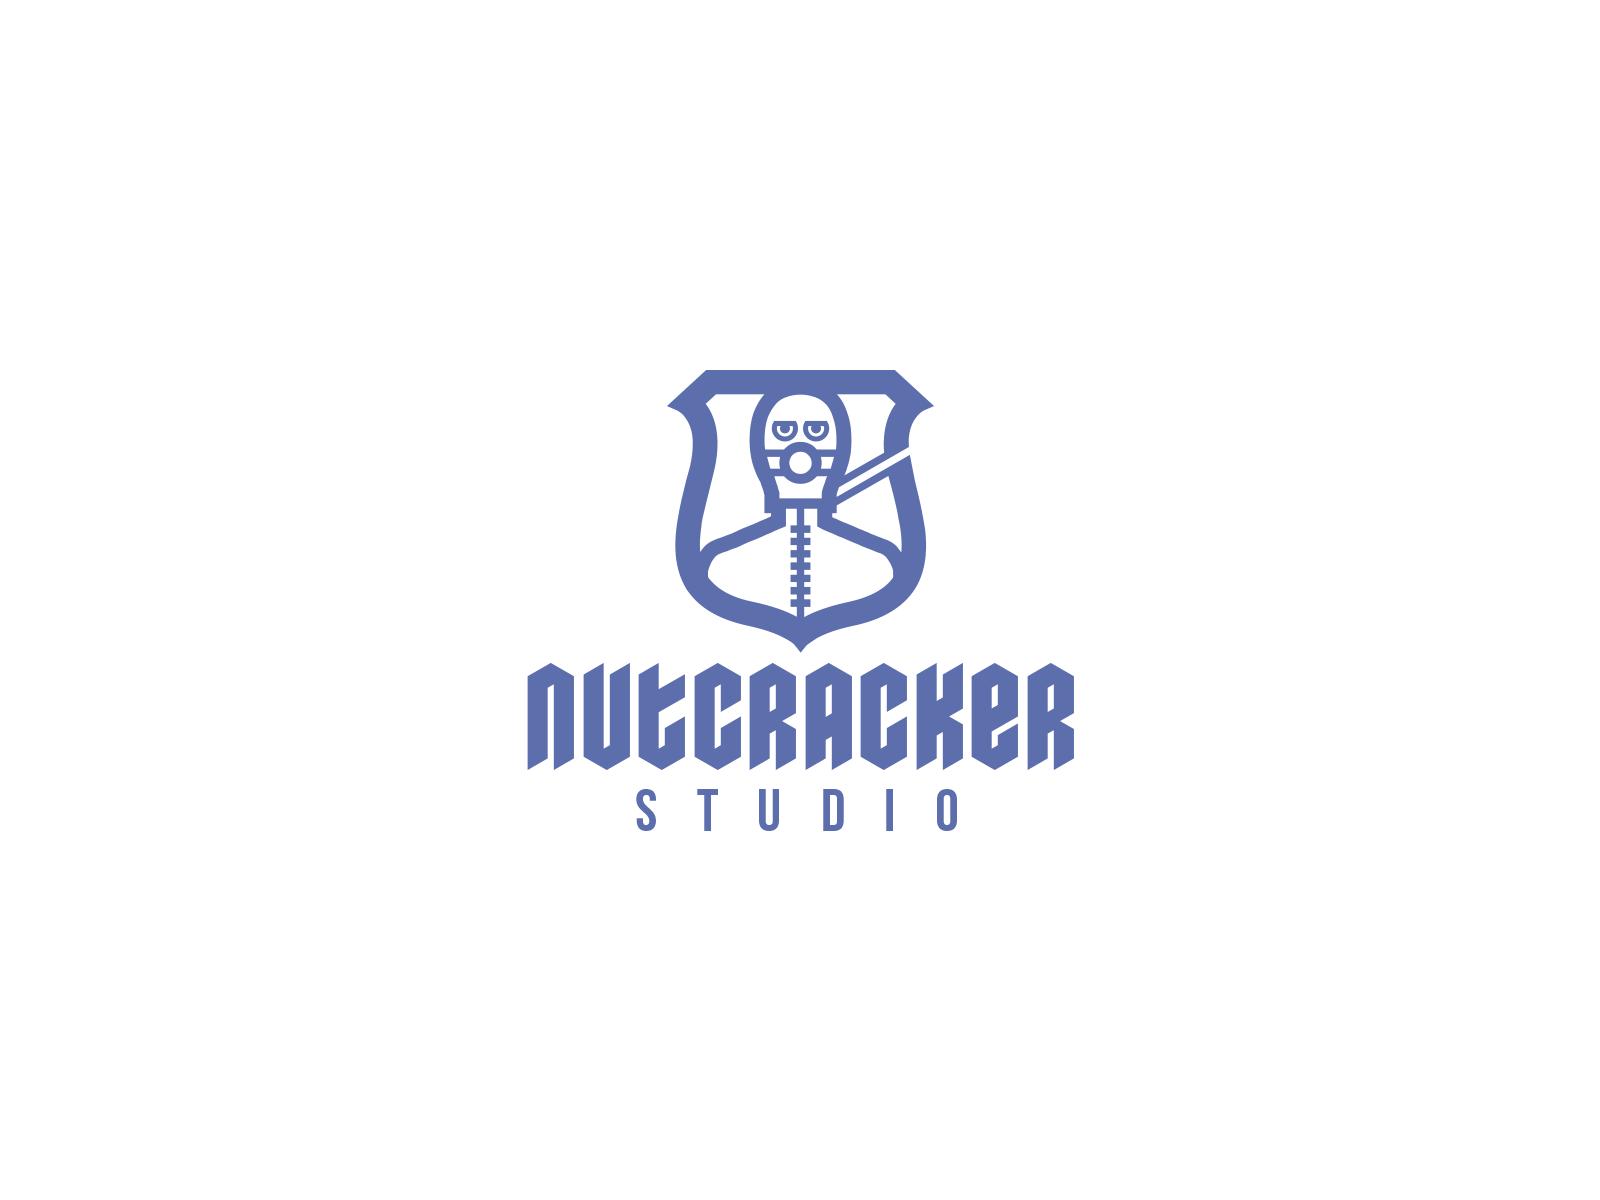 Nutcracker Logotpe / concept